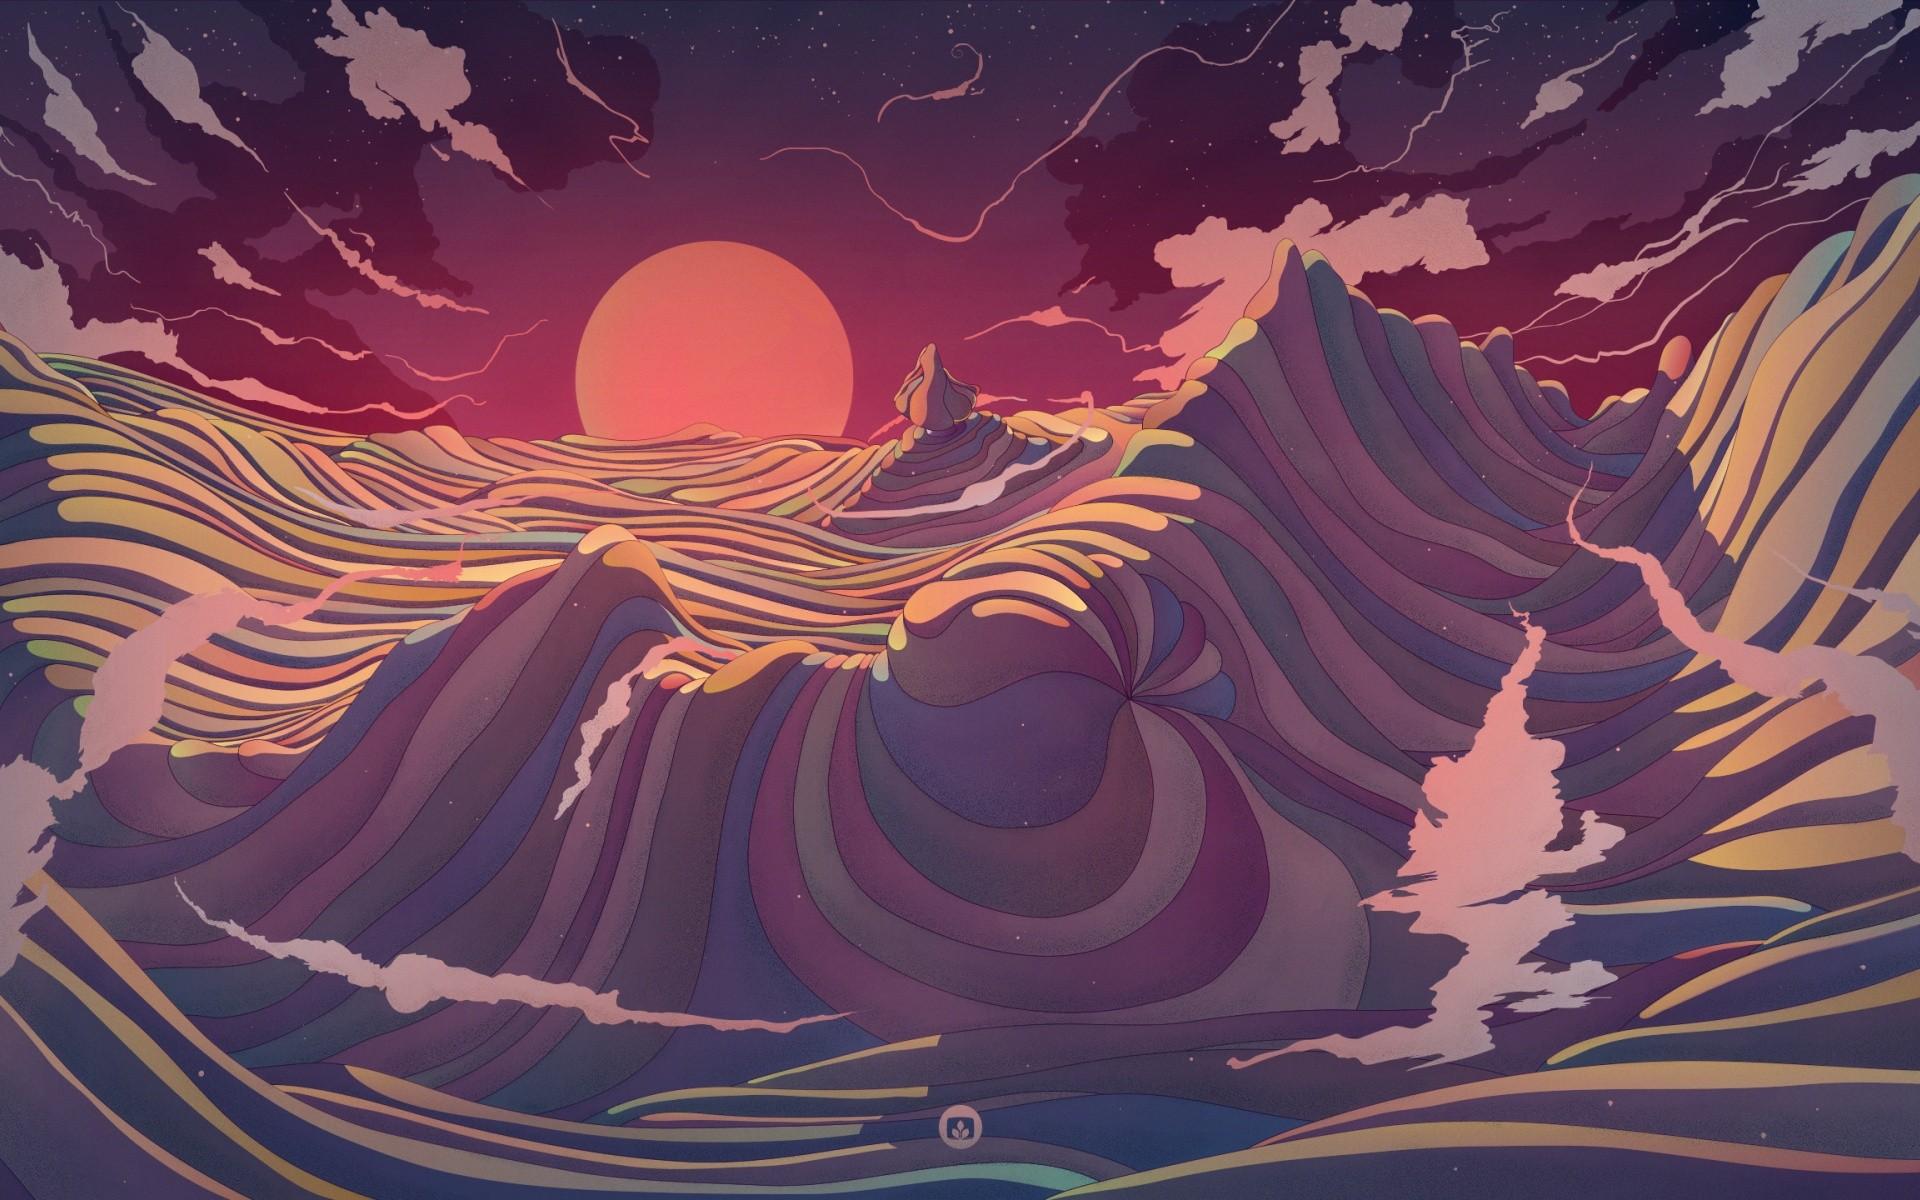 Abstract Art Red Sky Desktop Hd Artworks Desktop: Wallpaper : Painting, Illustration, Digital Art, Fantasy